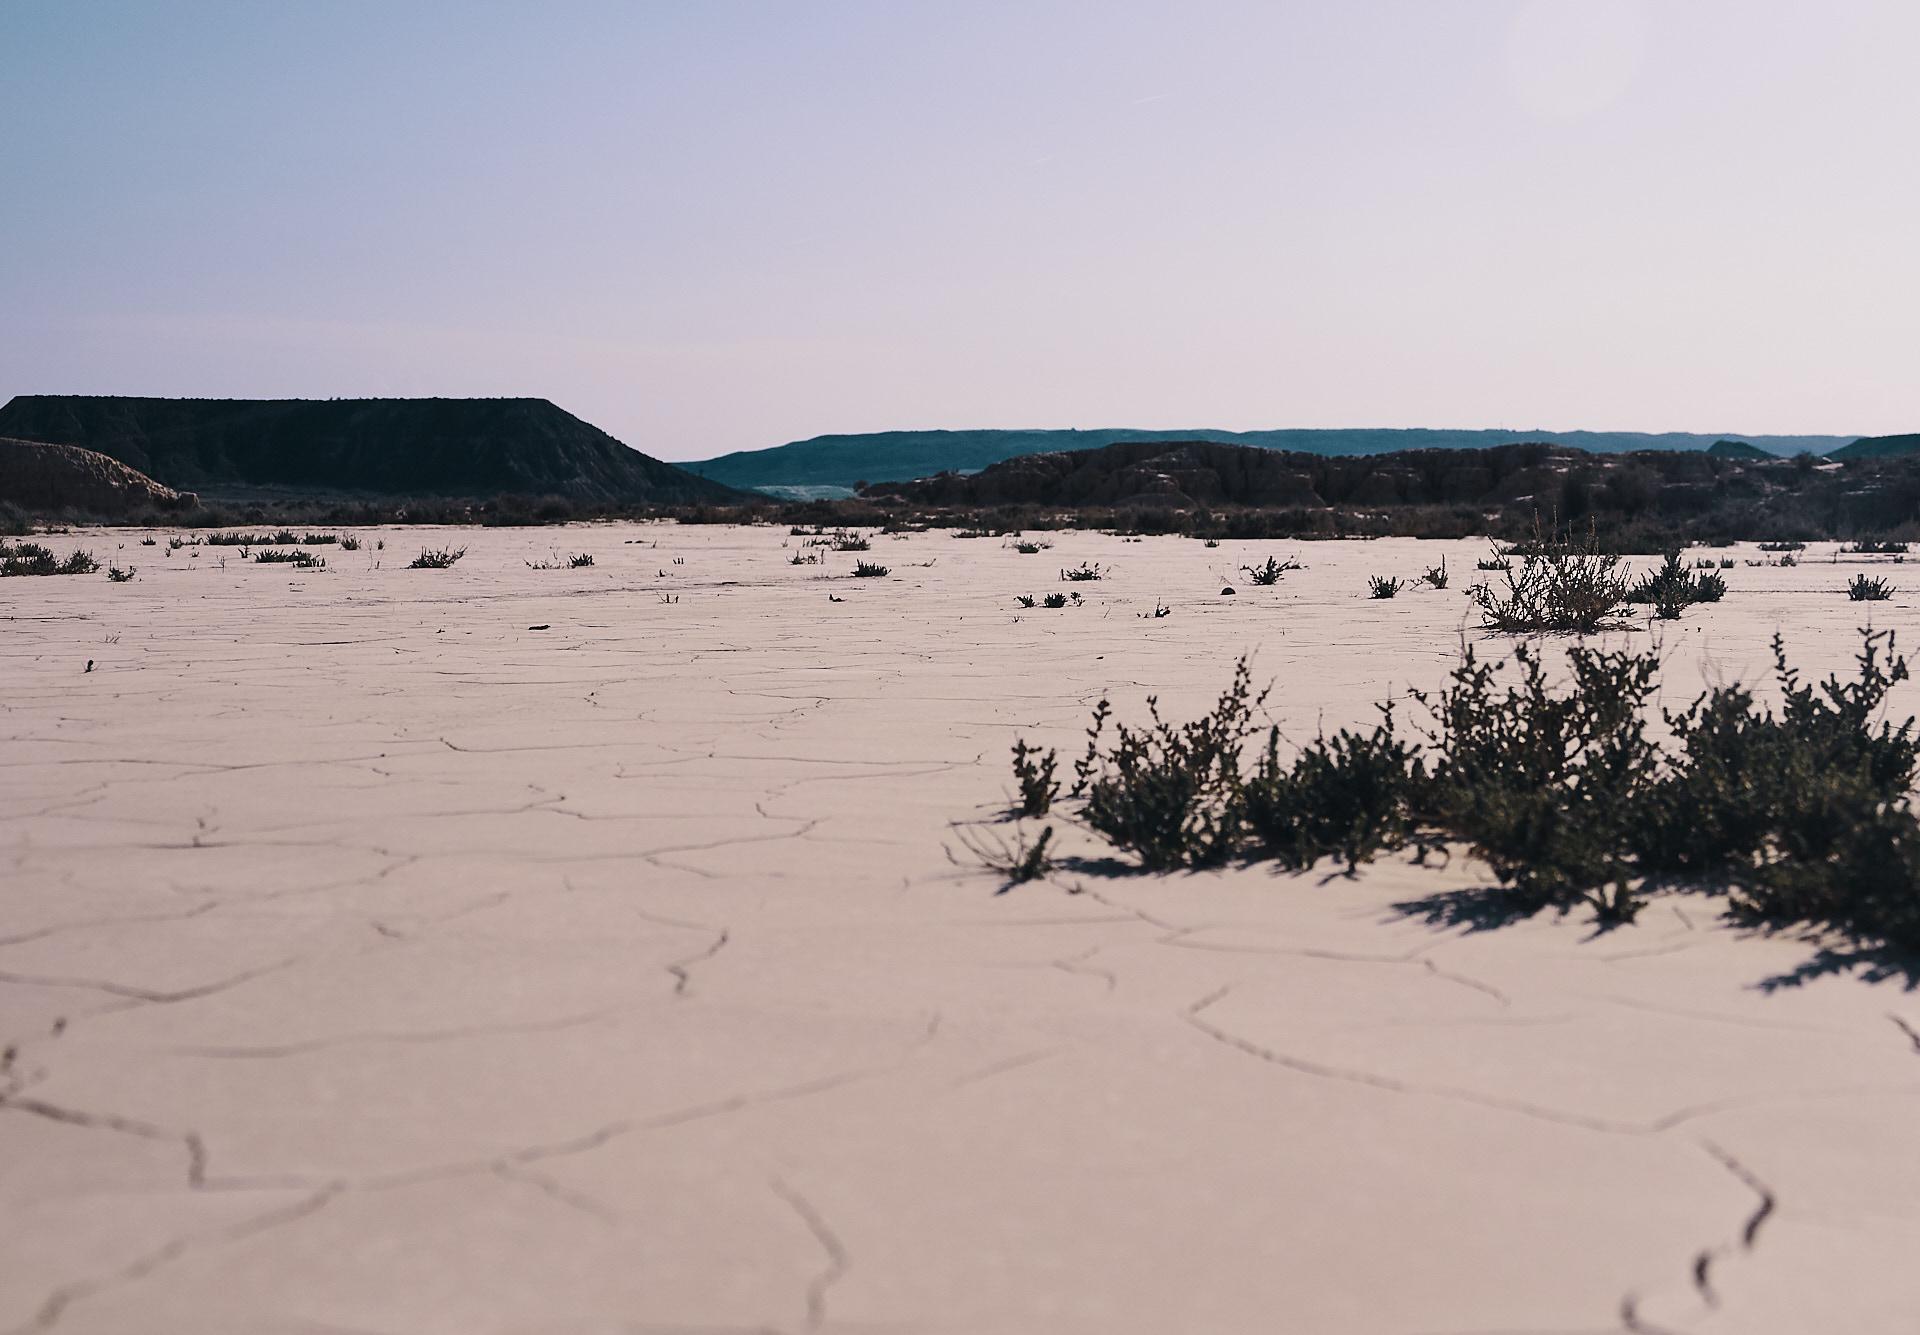 randonnée dans le désert Bardenas Reales